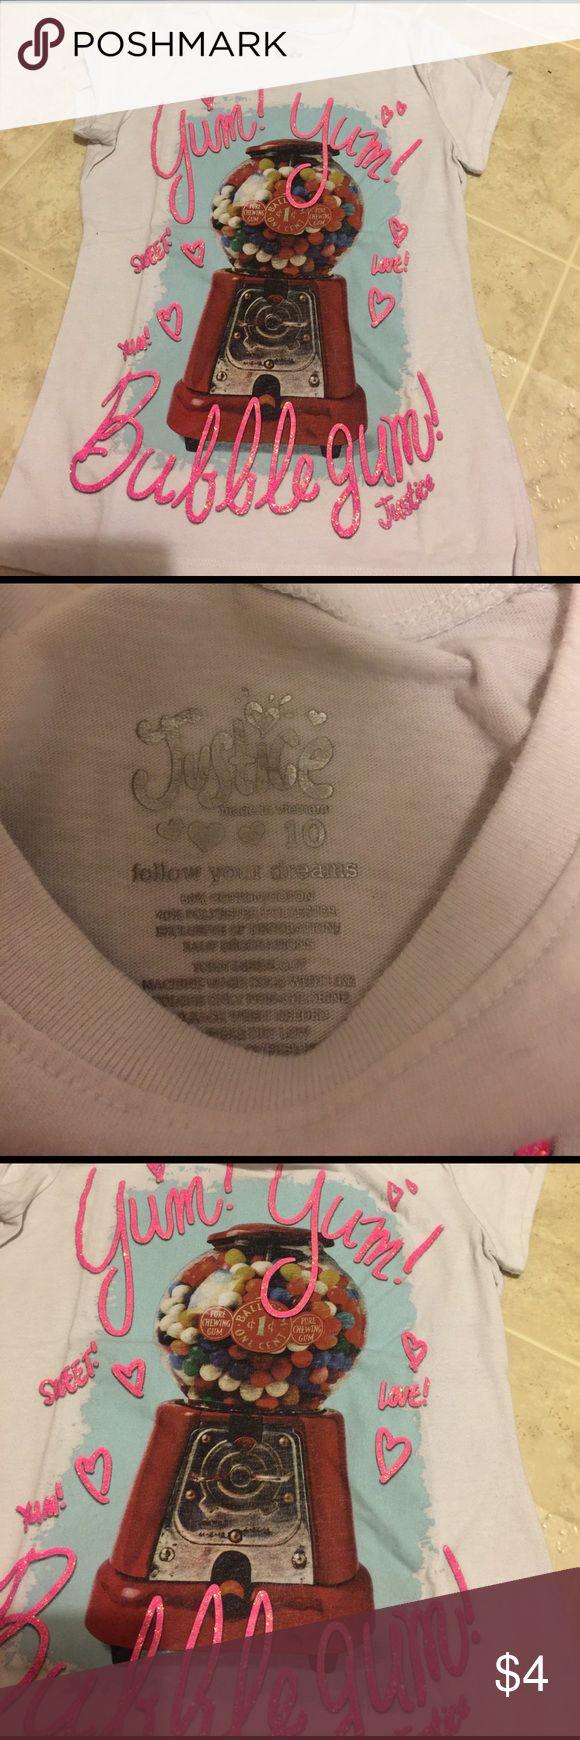 Girls justice t shirt Girls justice t shirt Justice Shirts & Tops